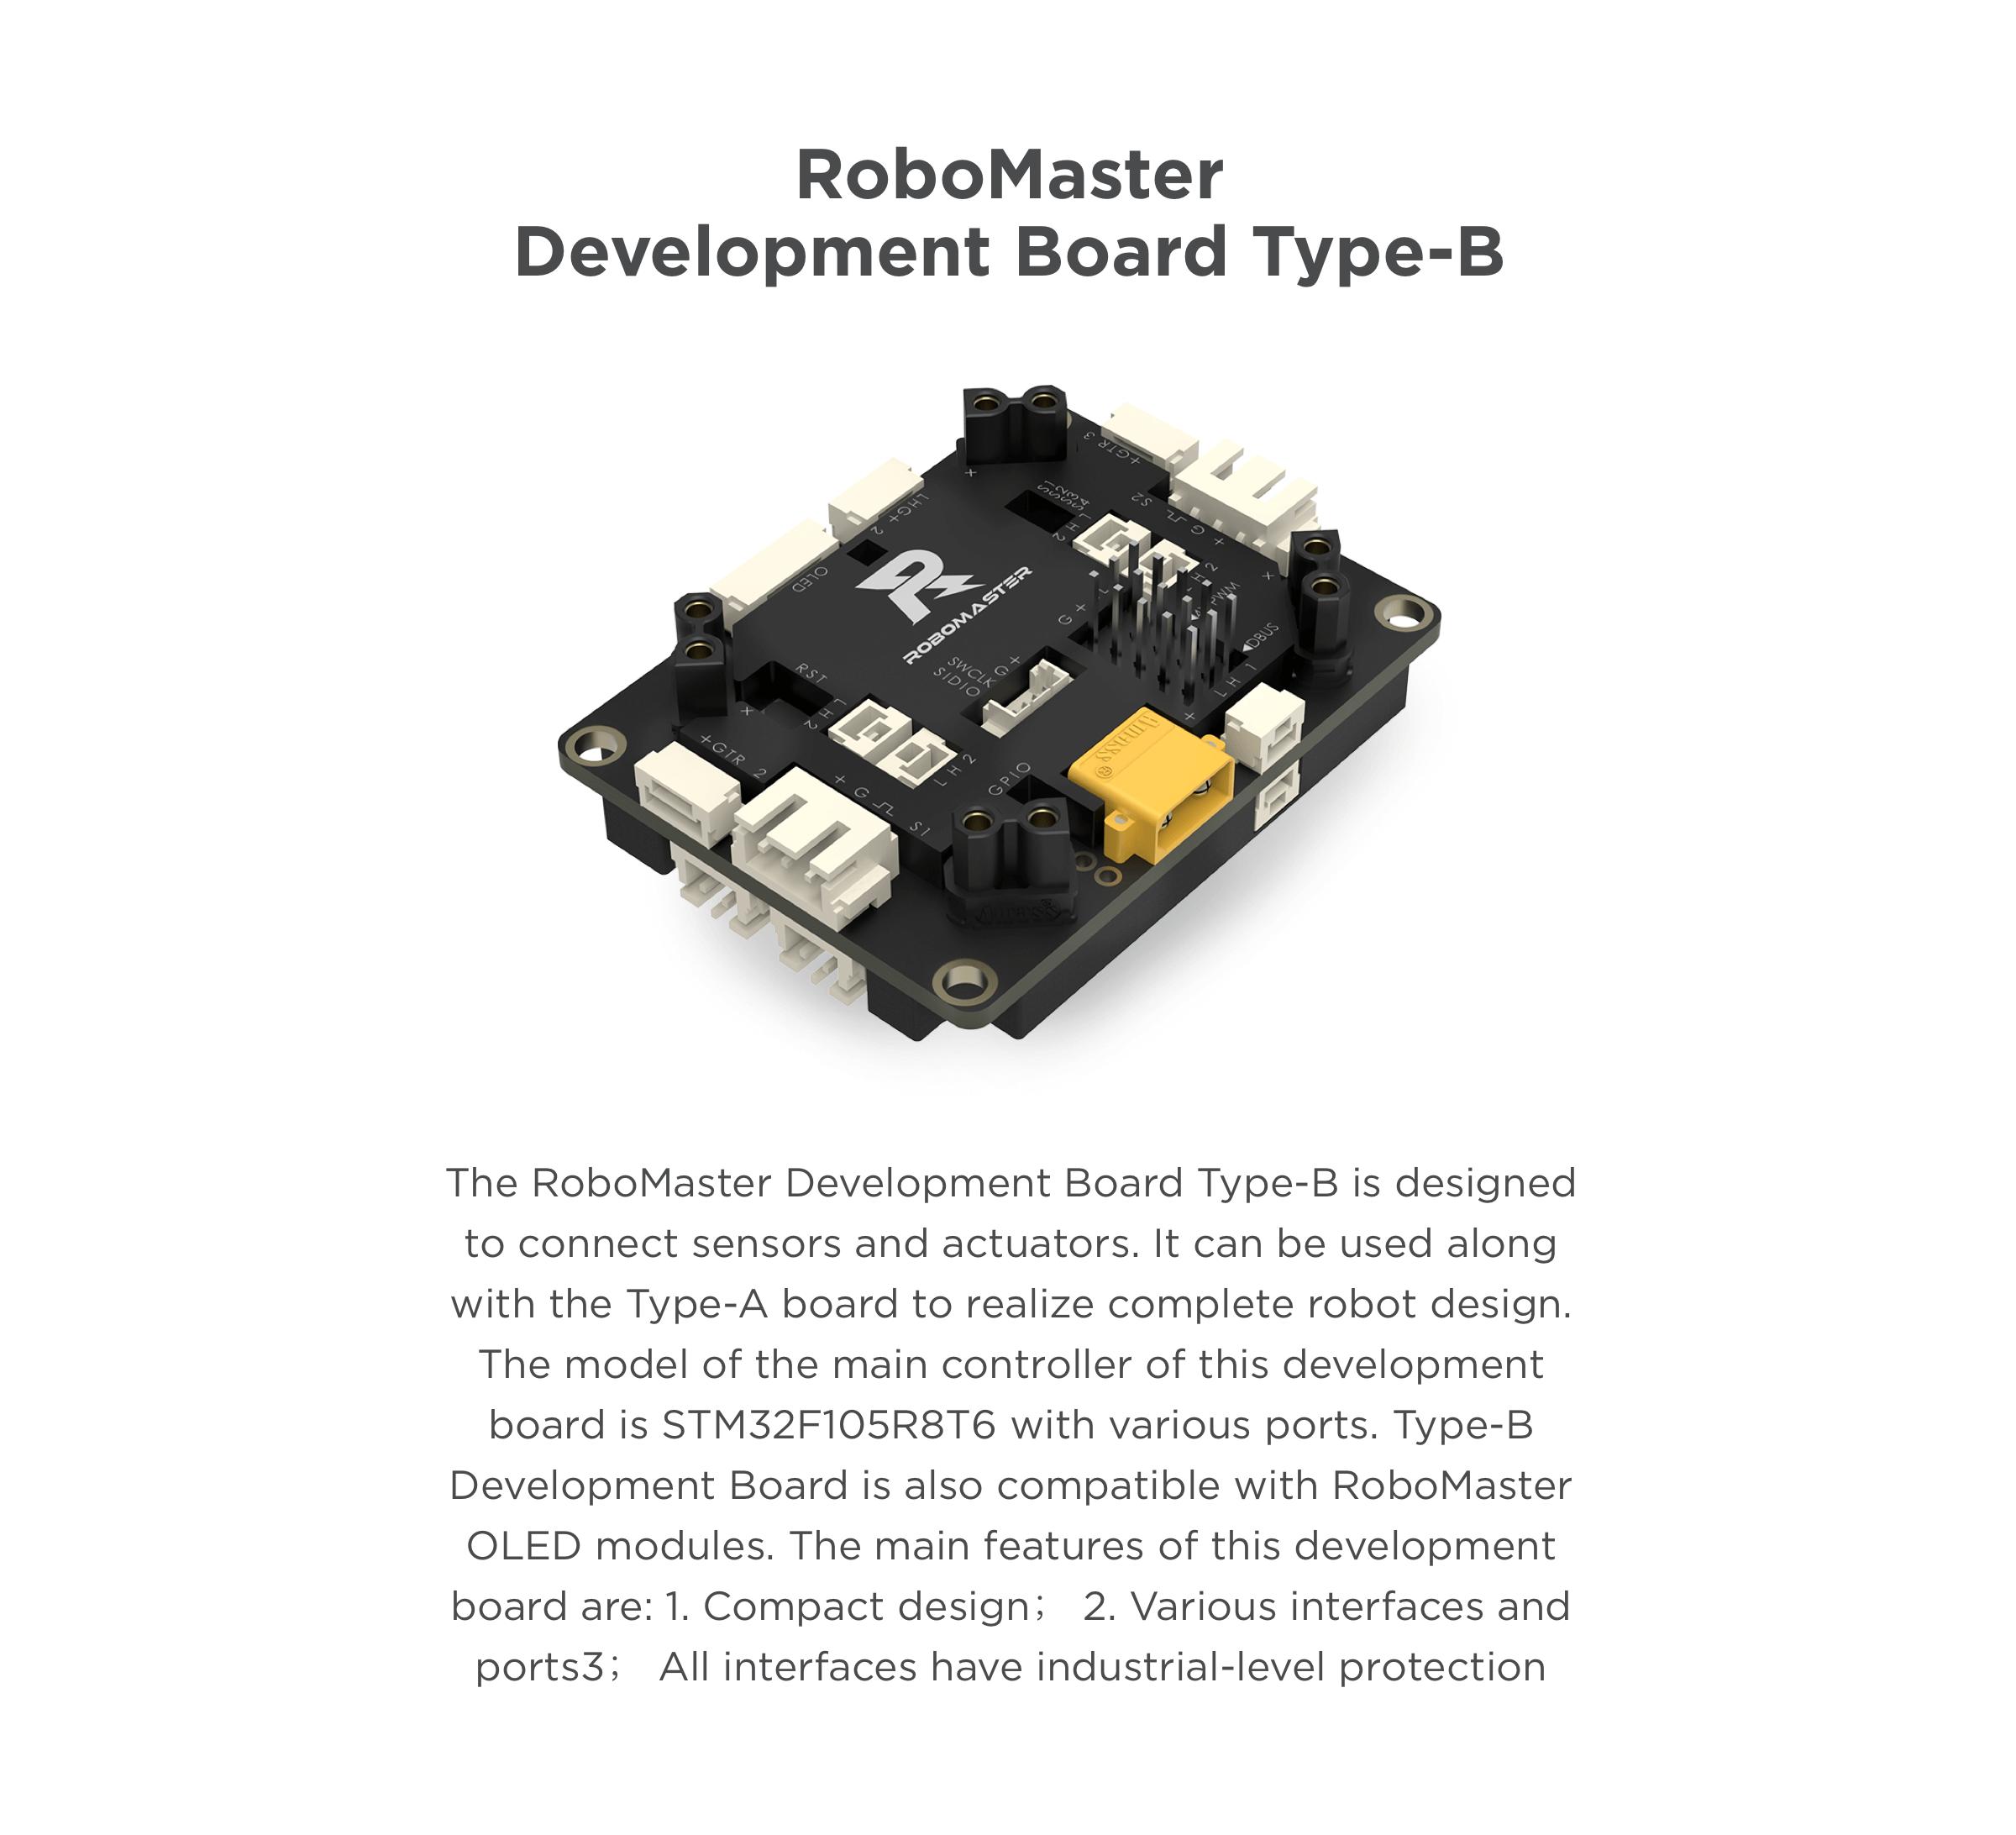 Development Board Type-B